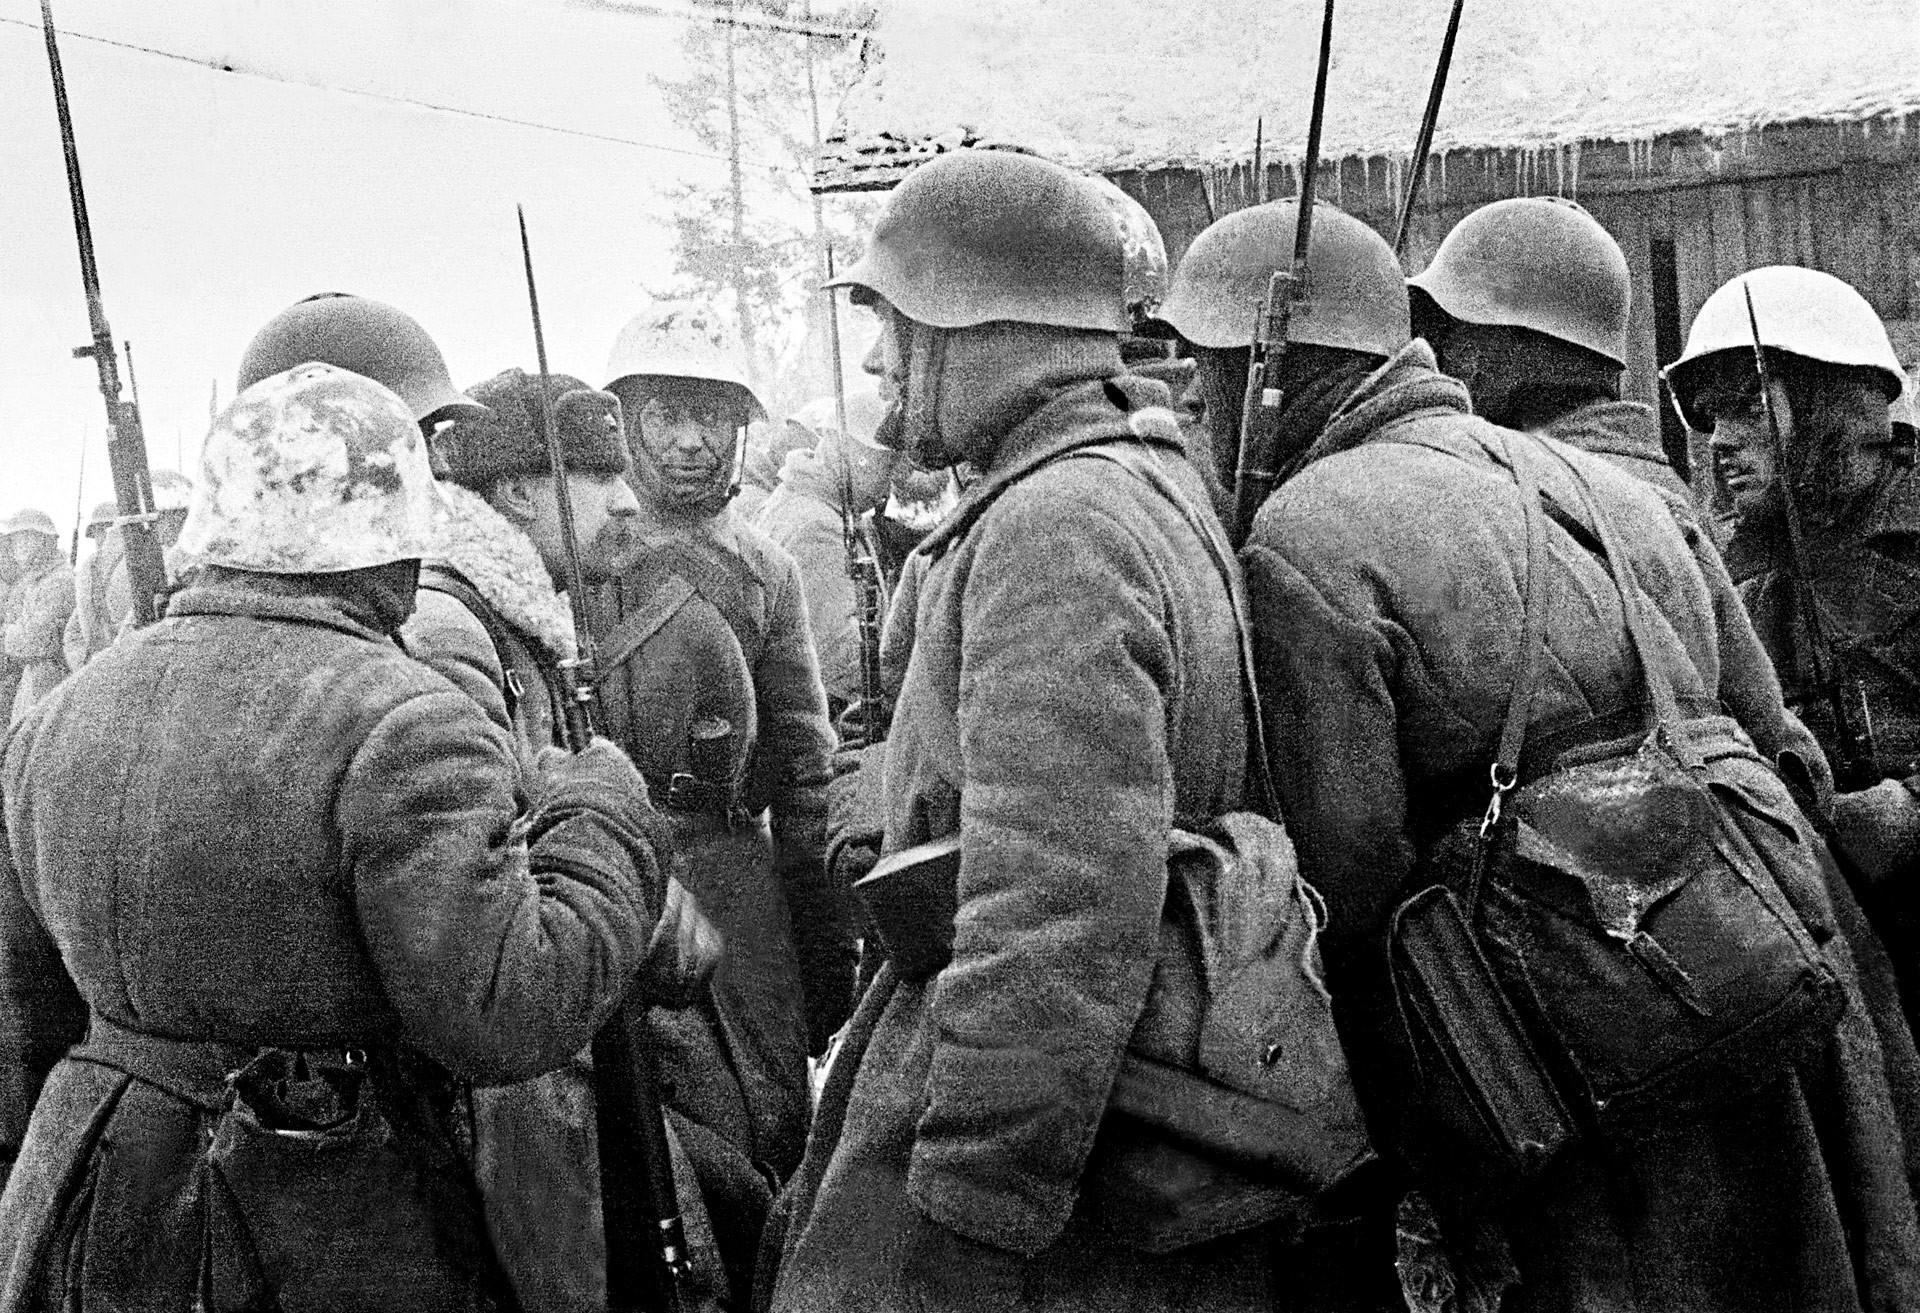 Comandante de batalhão instrui soldados antes de batalha no Ítsmo da Carélia, em fevereiro de 1940.